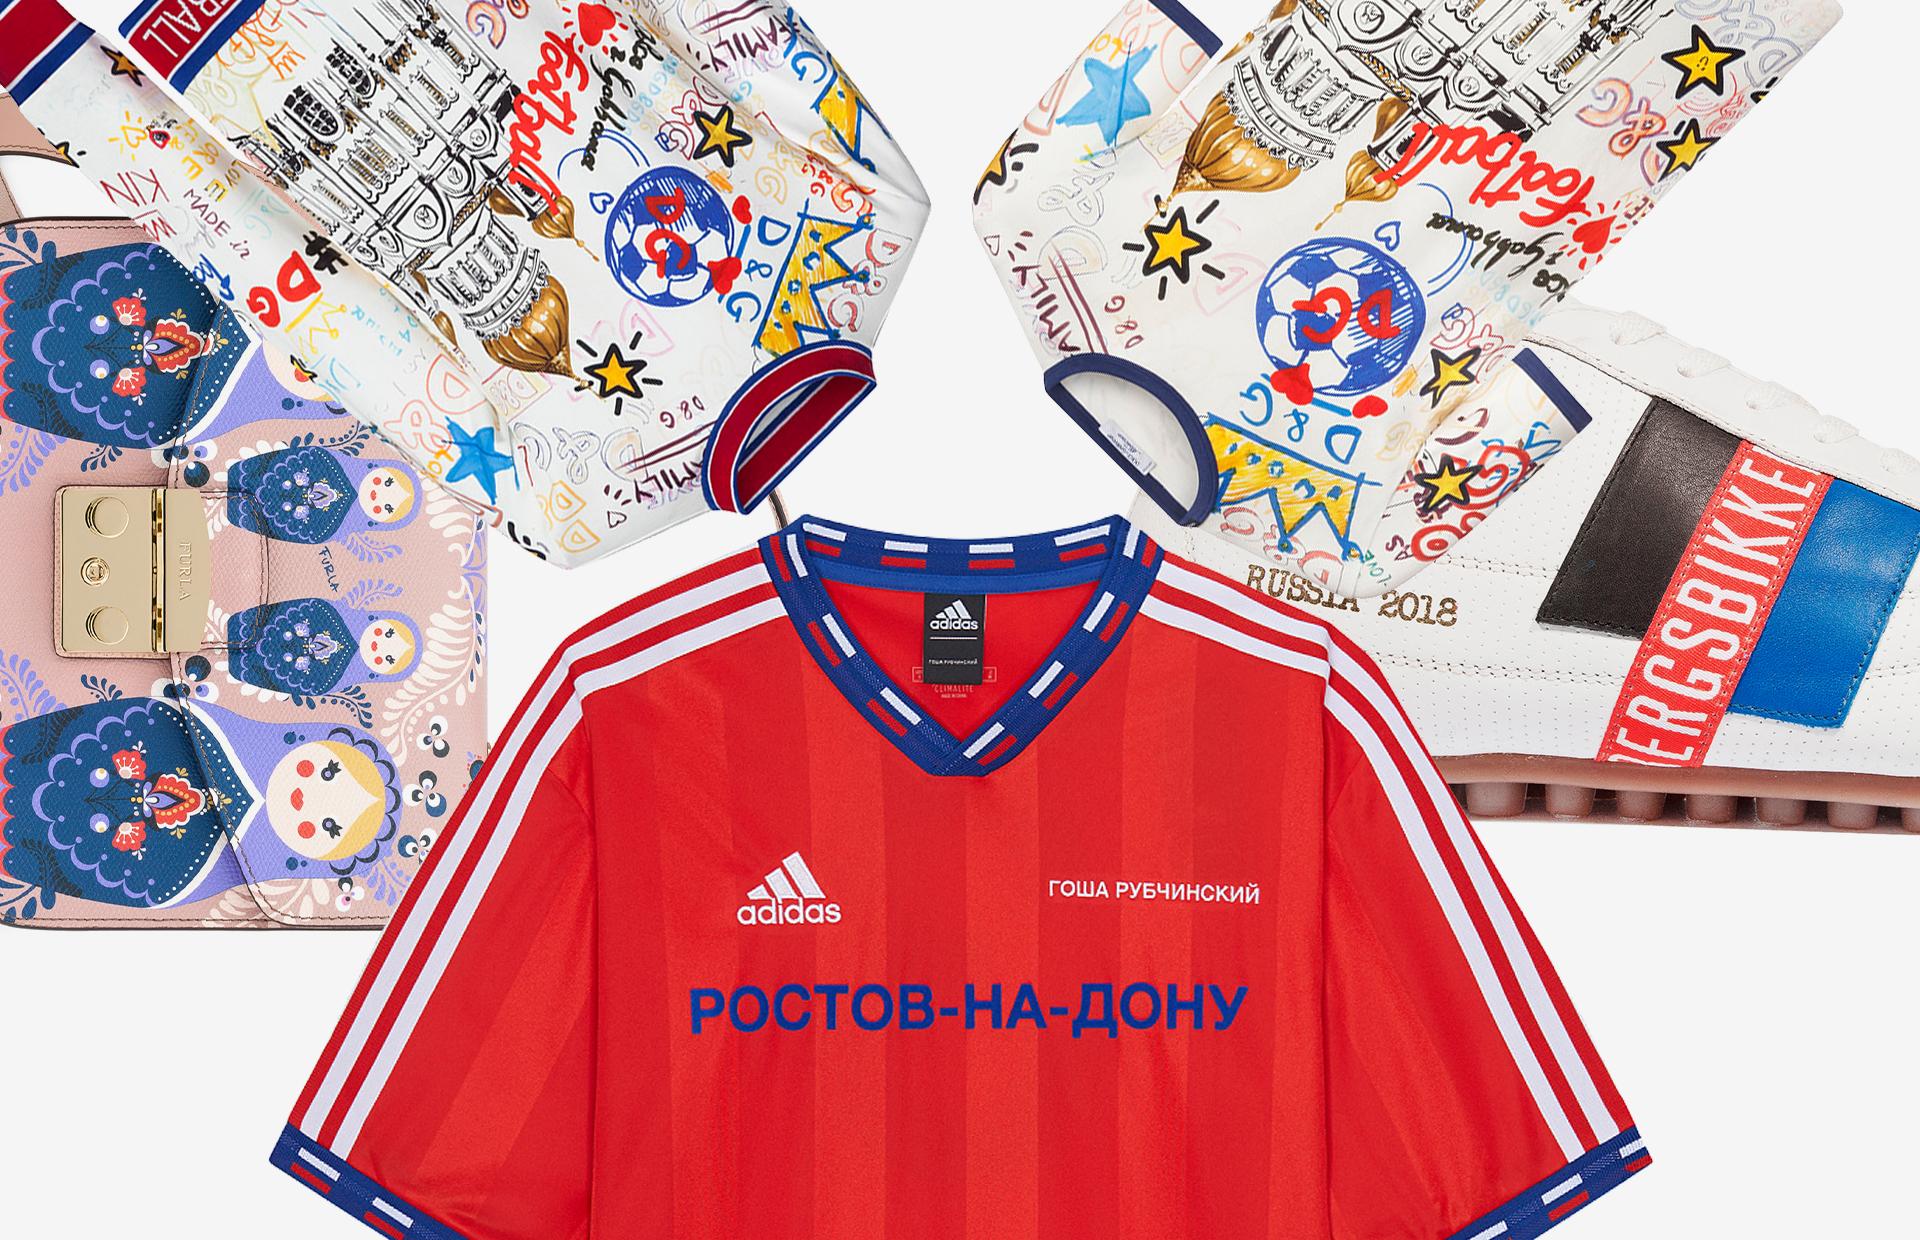 a3d427ac3560 Зачем модные бренды выпускают коллекции к чемпионату мира по футболу     Мода    РБК Pink